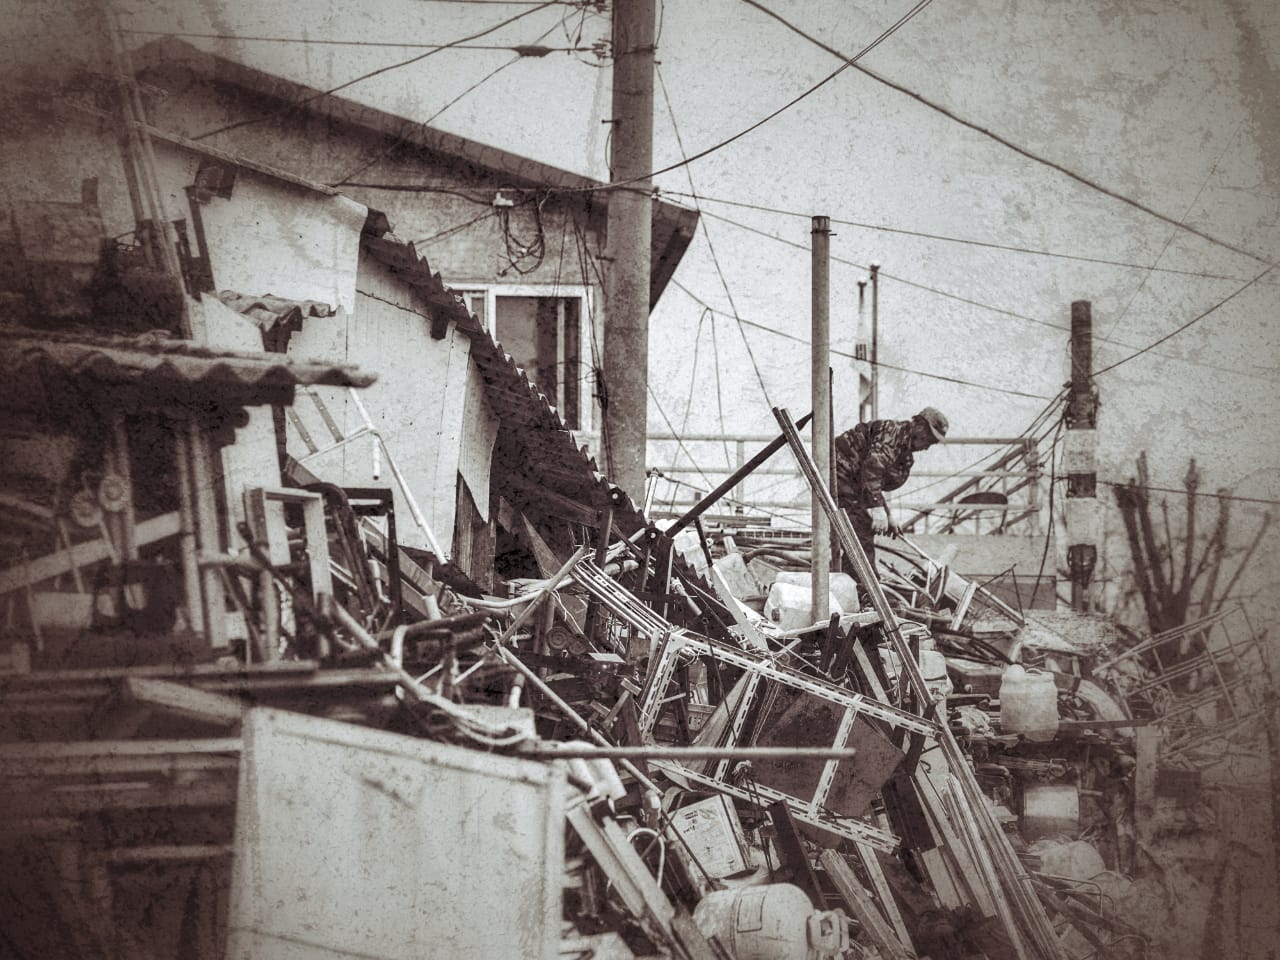 https: img.okezone.com content 2019 05 21 337 2058518 2-500-bencana-diprediksi-landa-indonesia-di-2019-ini-strategi-pemerintah-xmWv3lB6FM.jpg